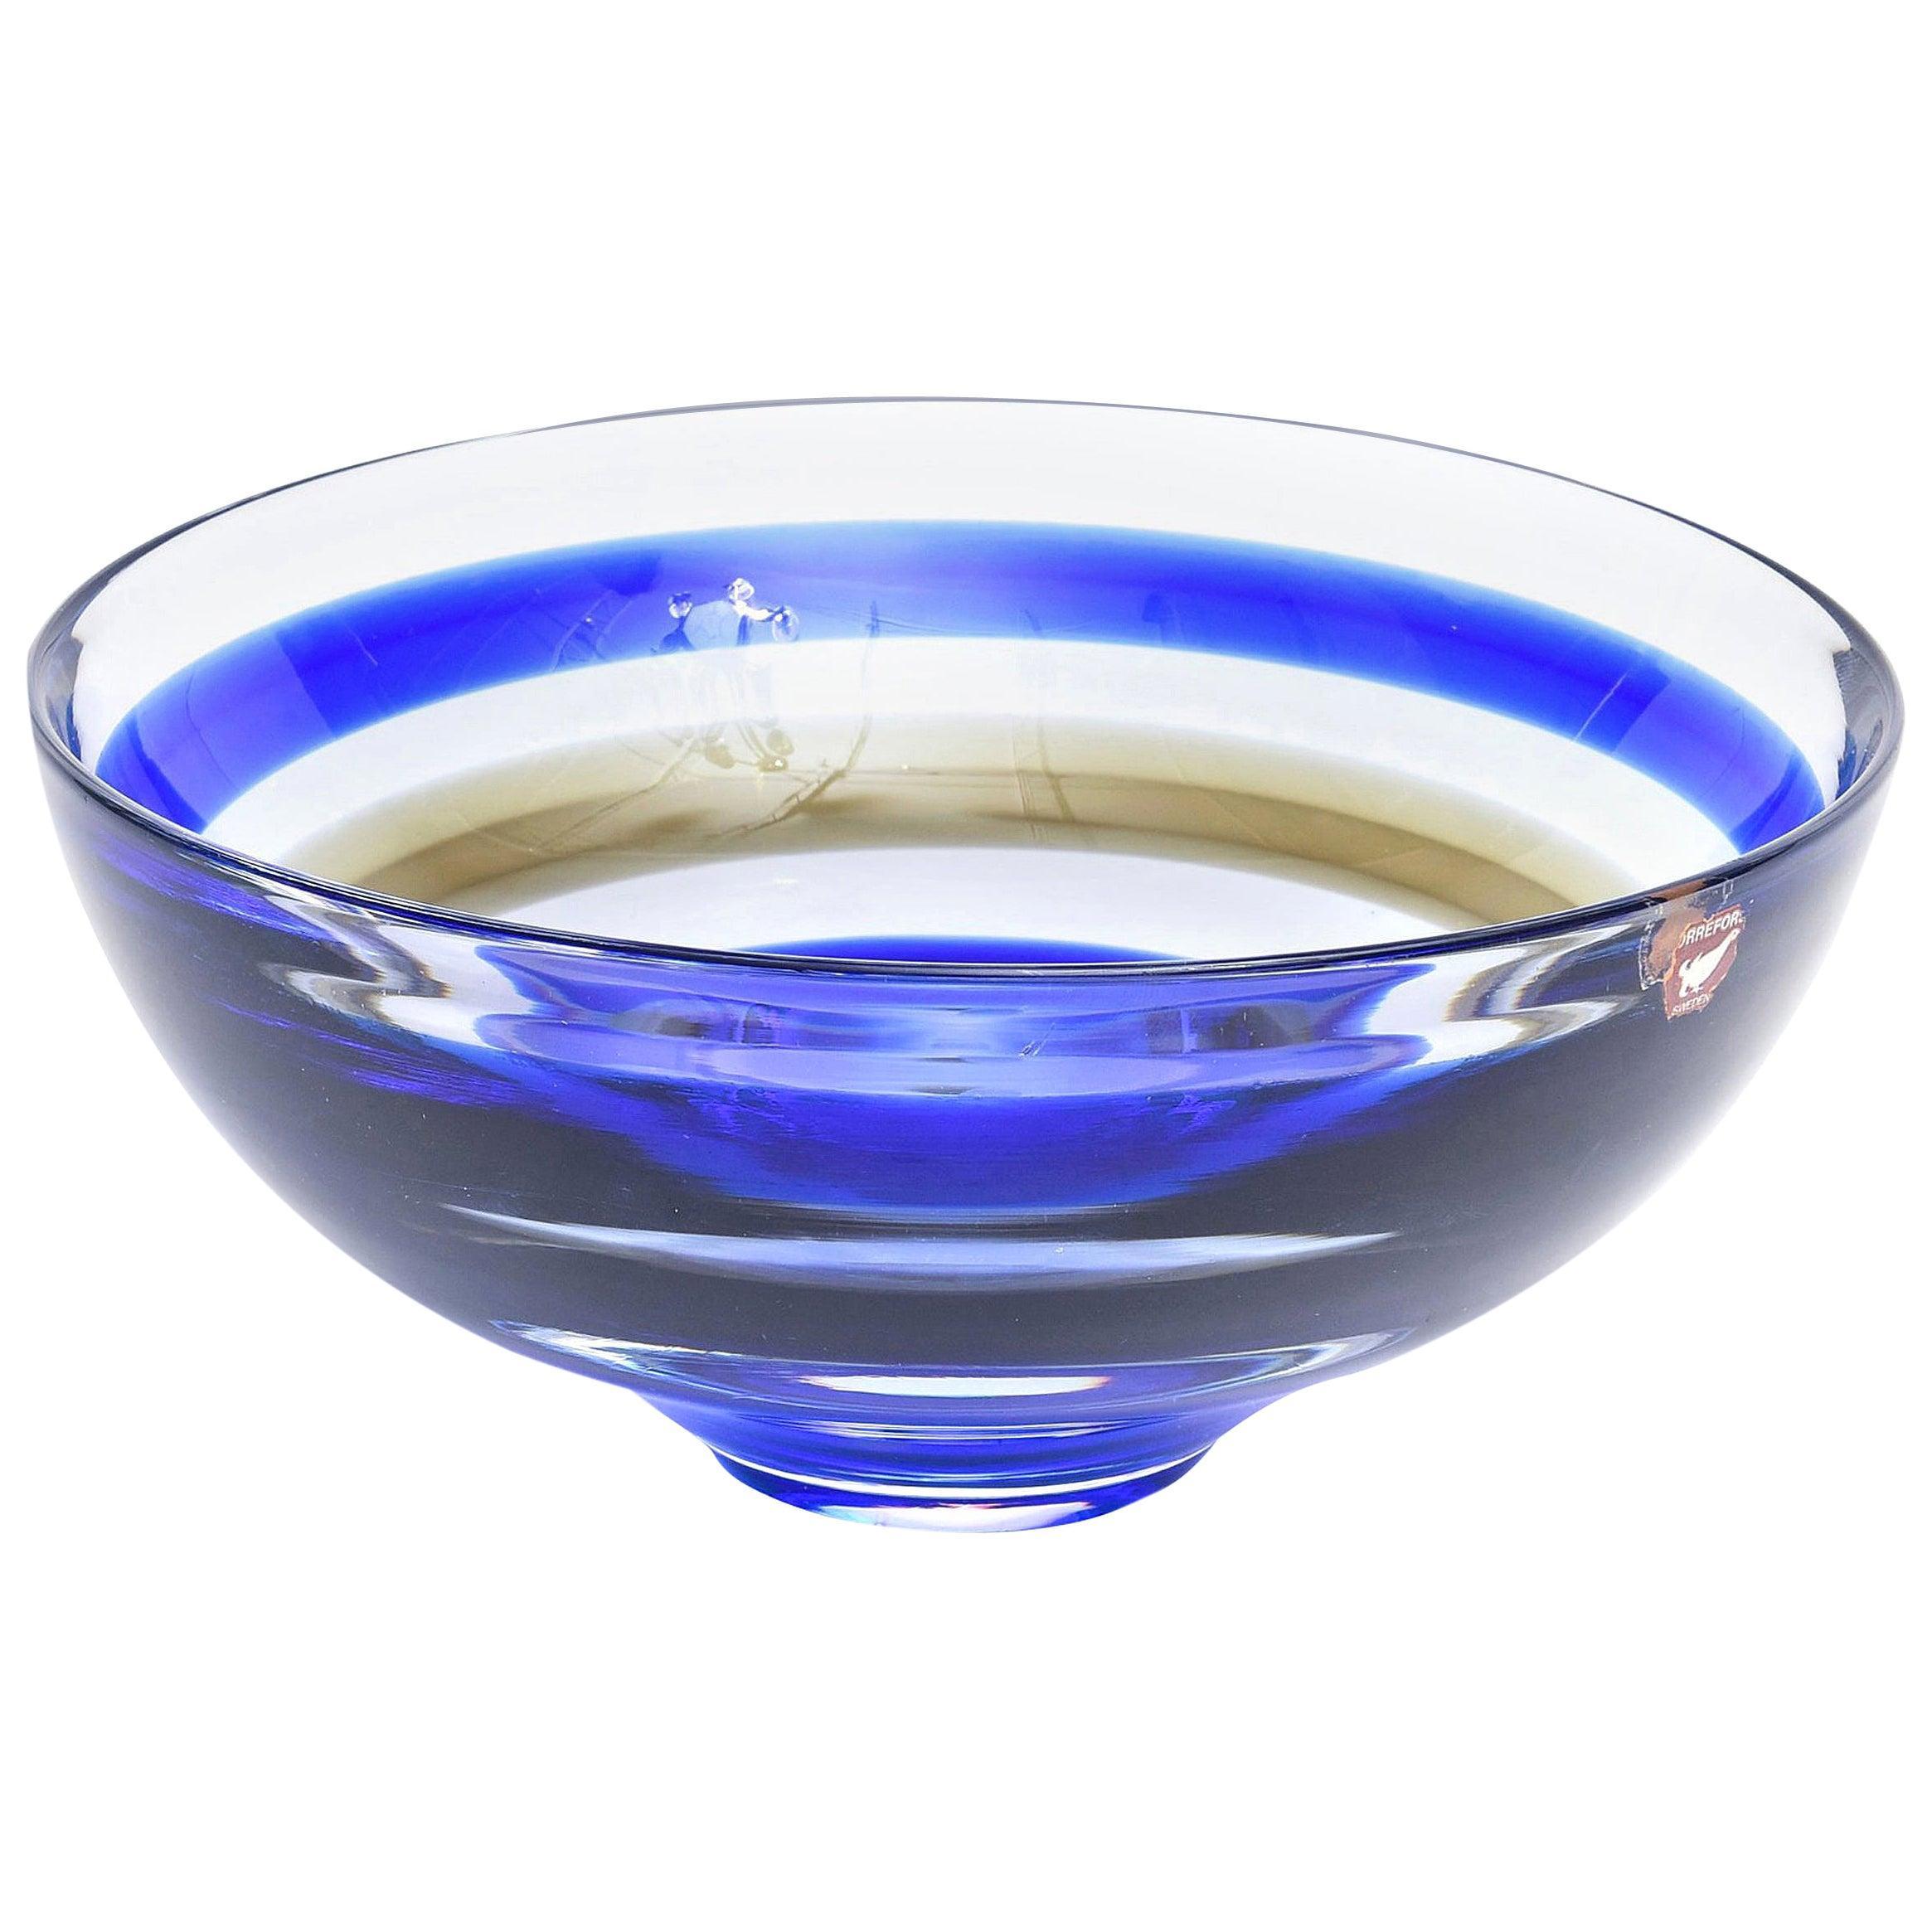 Orrefors Cobalt Blue and Brown Striped Crystal Glass Bowl Signed Vintage